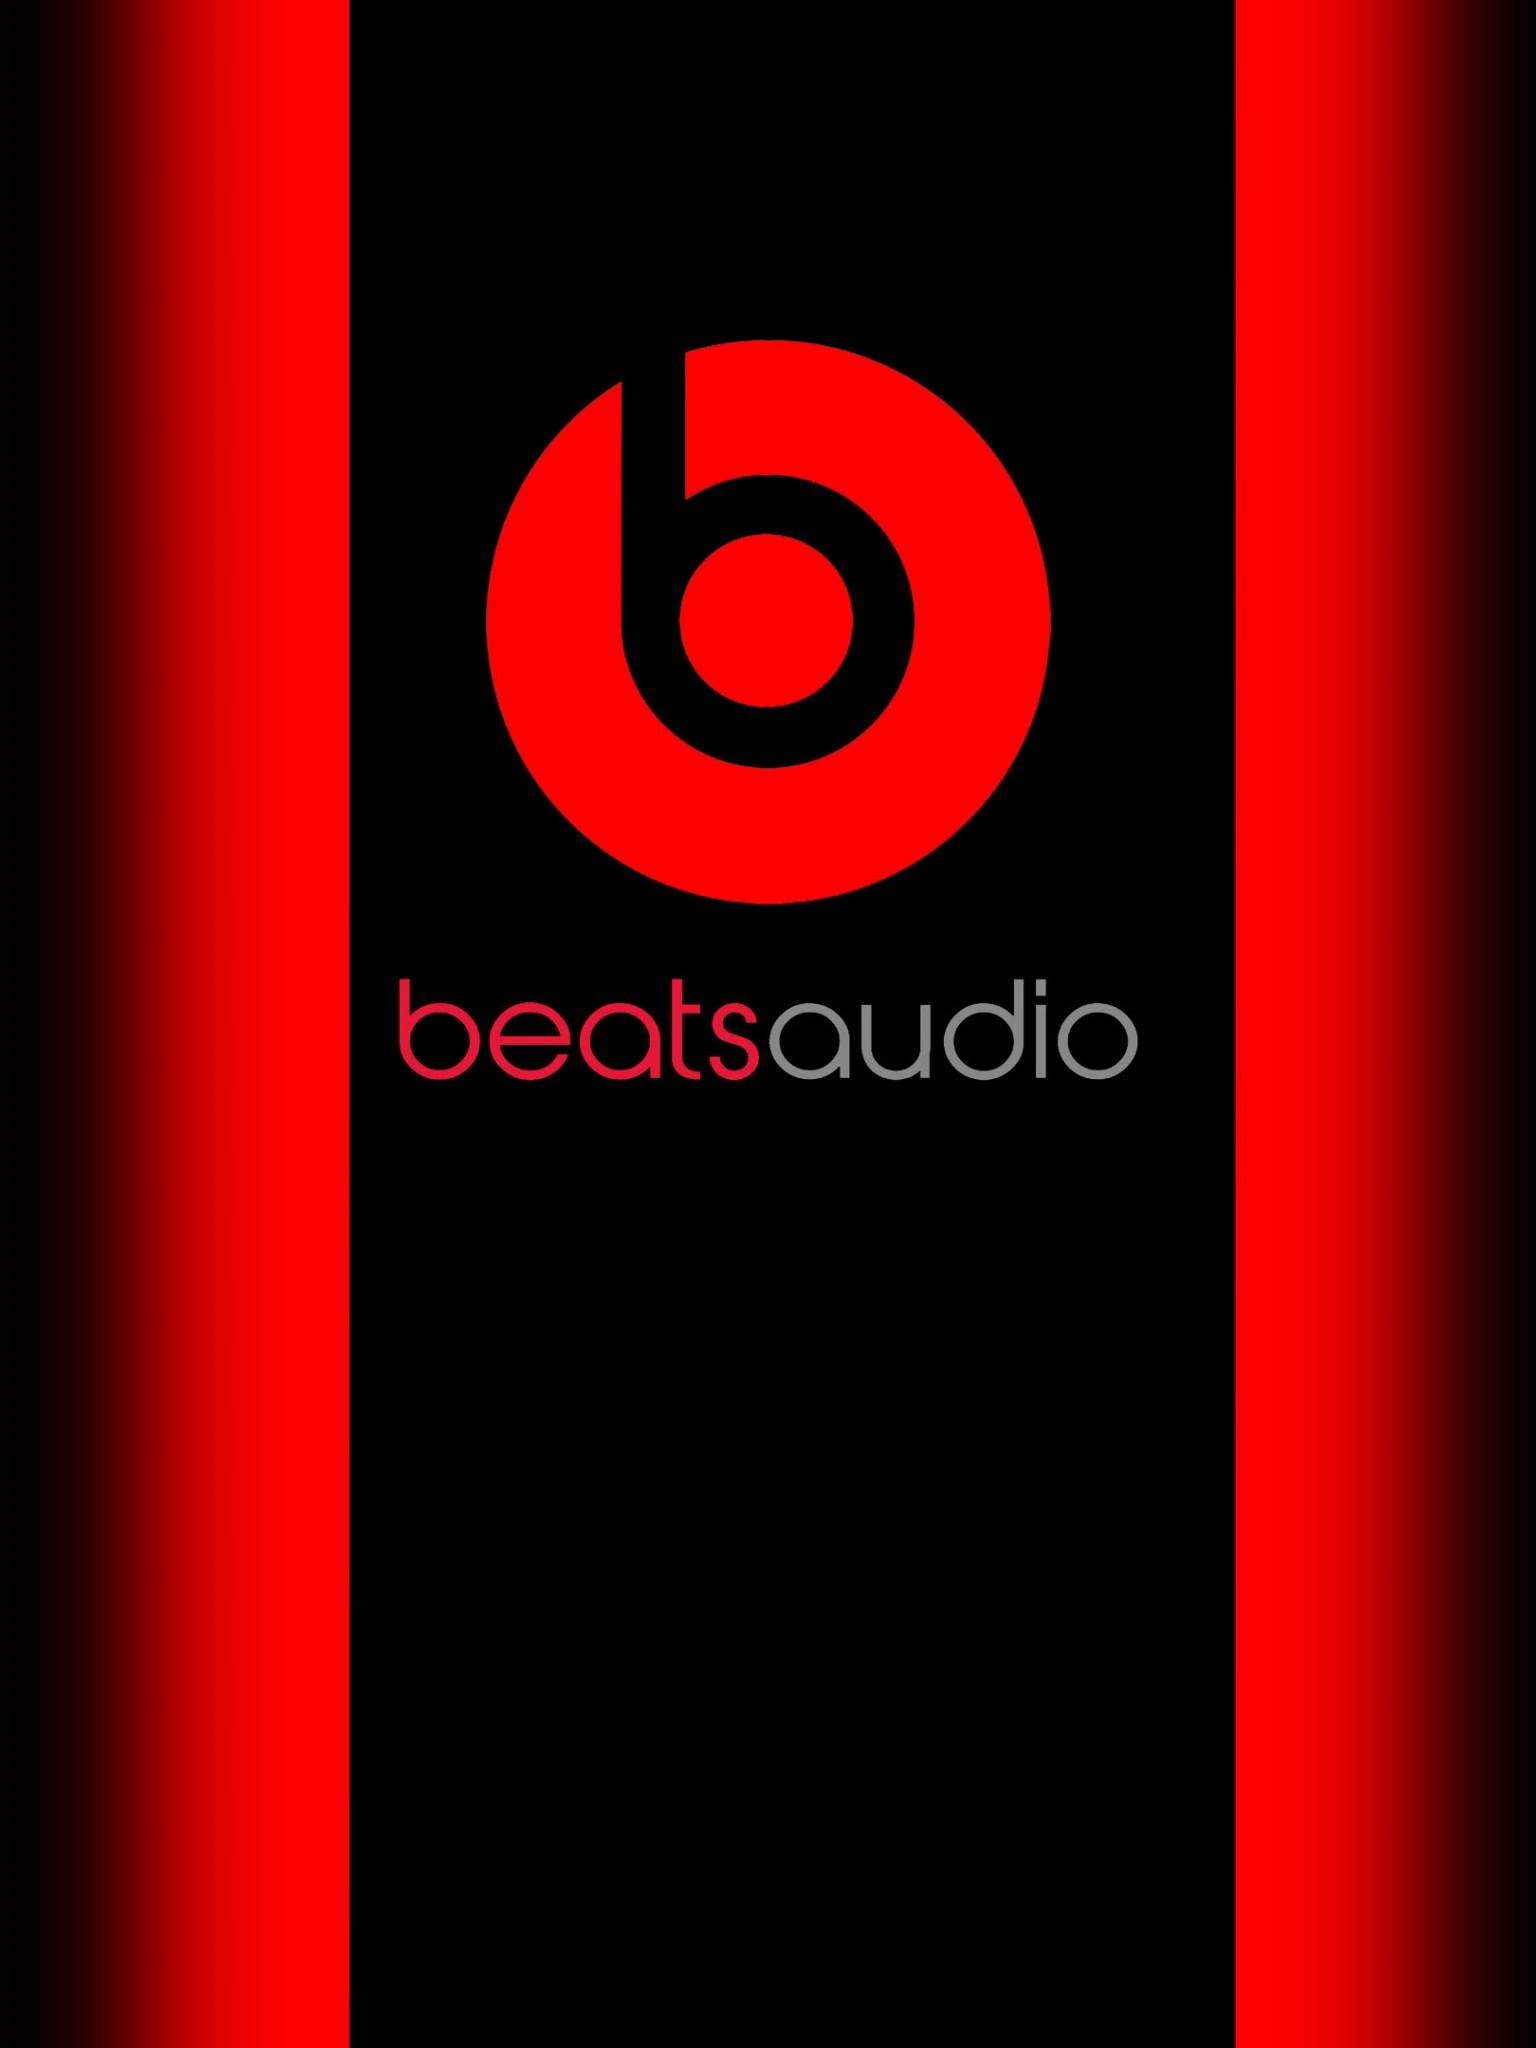 beats wallpaper hd